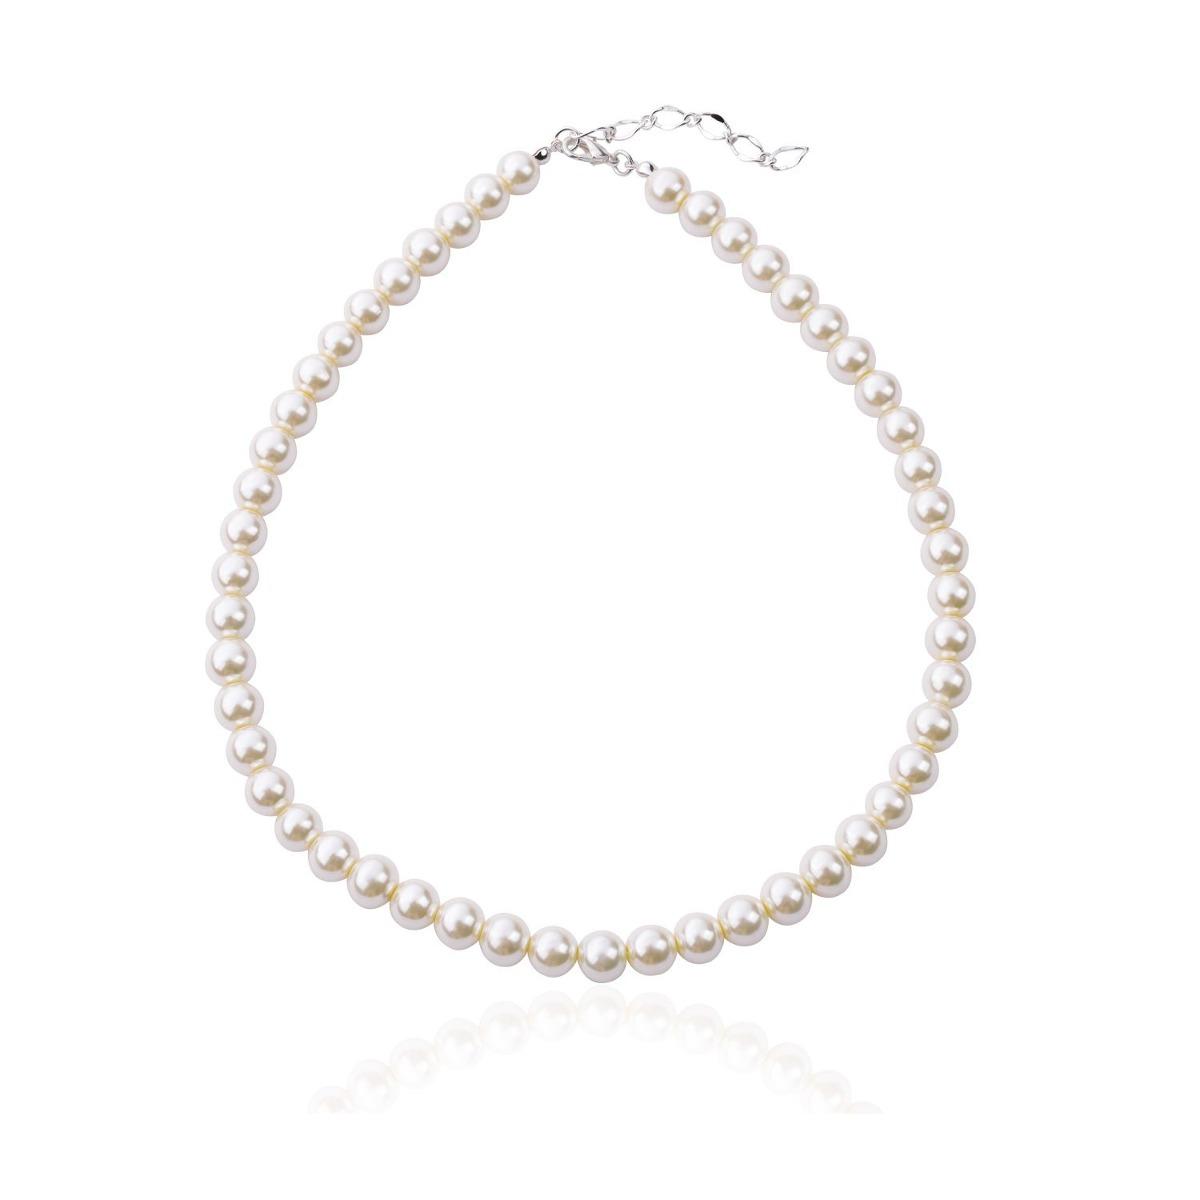 a0a5076709a0 ginasy simulado collar de perlas para mujeres niñas - cue. Cargando zoom.